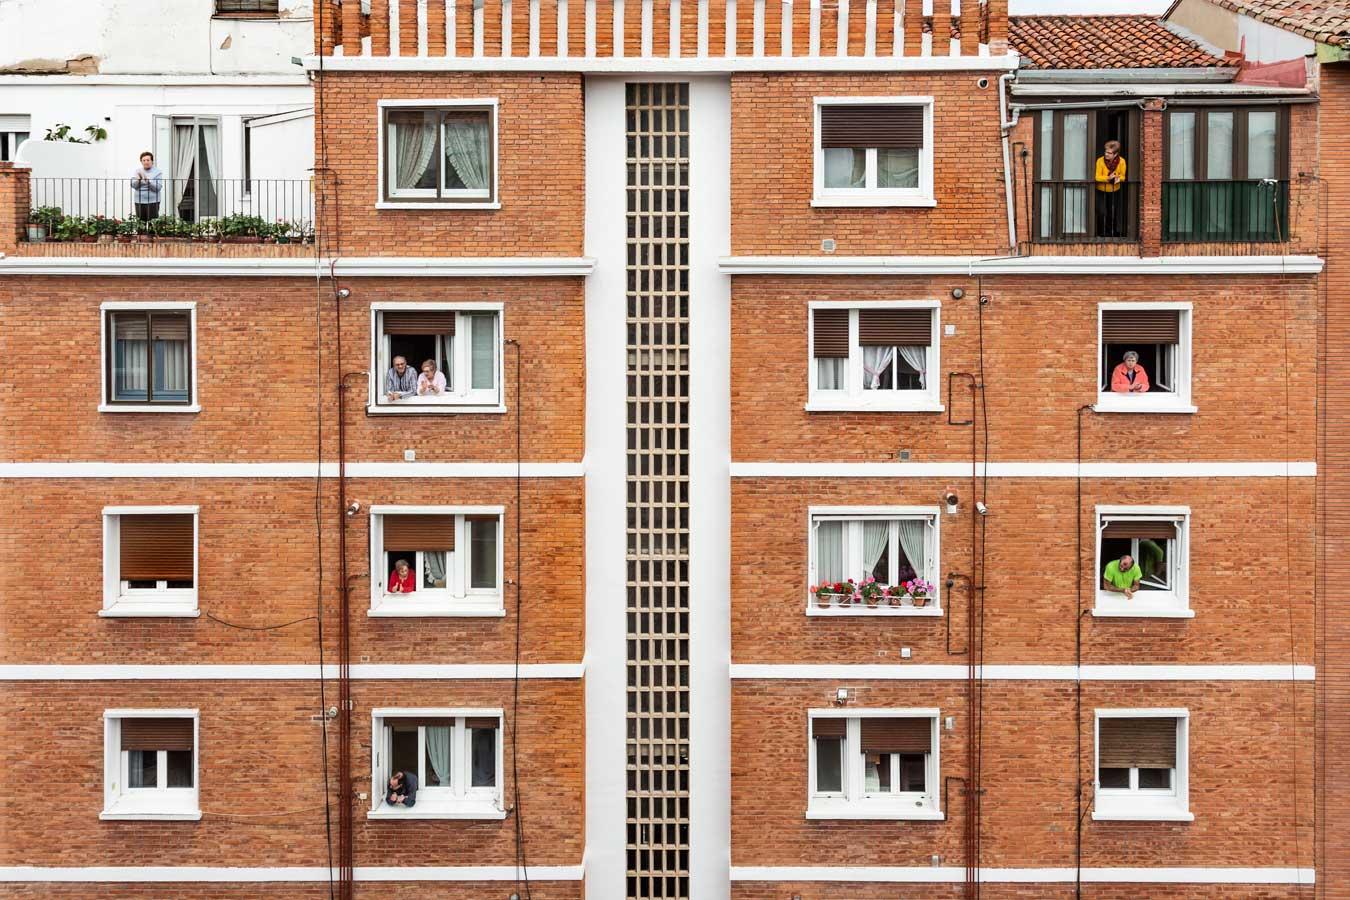 Gente aplaudiendo por las ventanas durante la pandemia de 2020